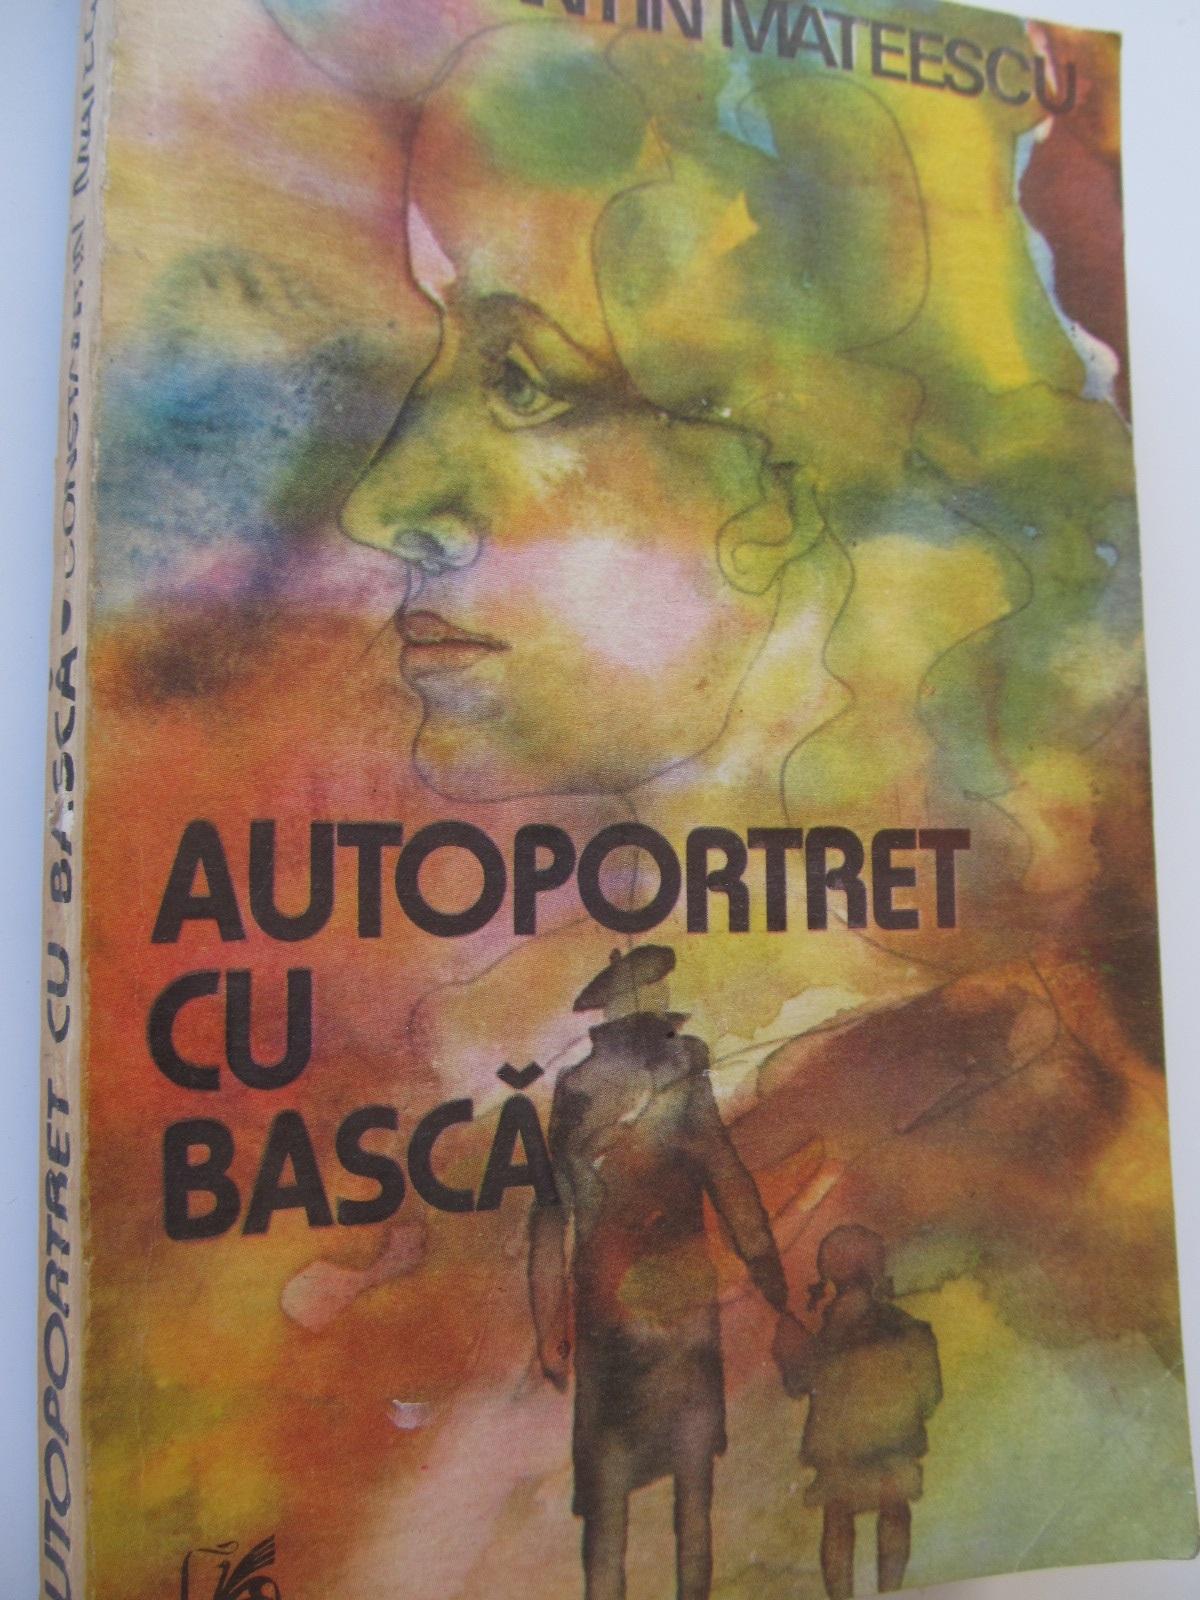 Autoportret cu basca - Constantin Mateescu | Detalii carte